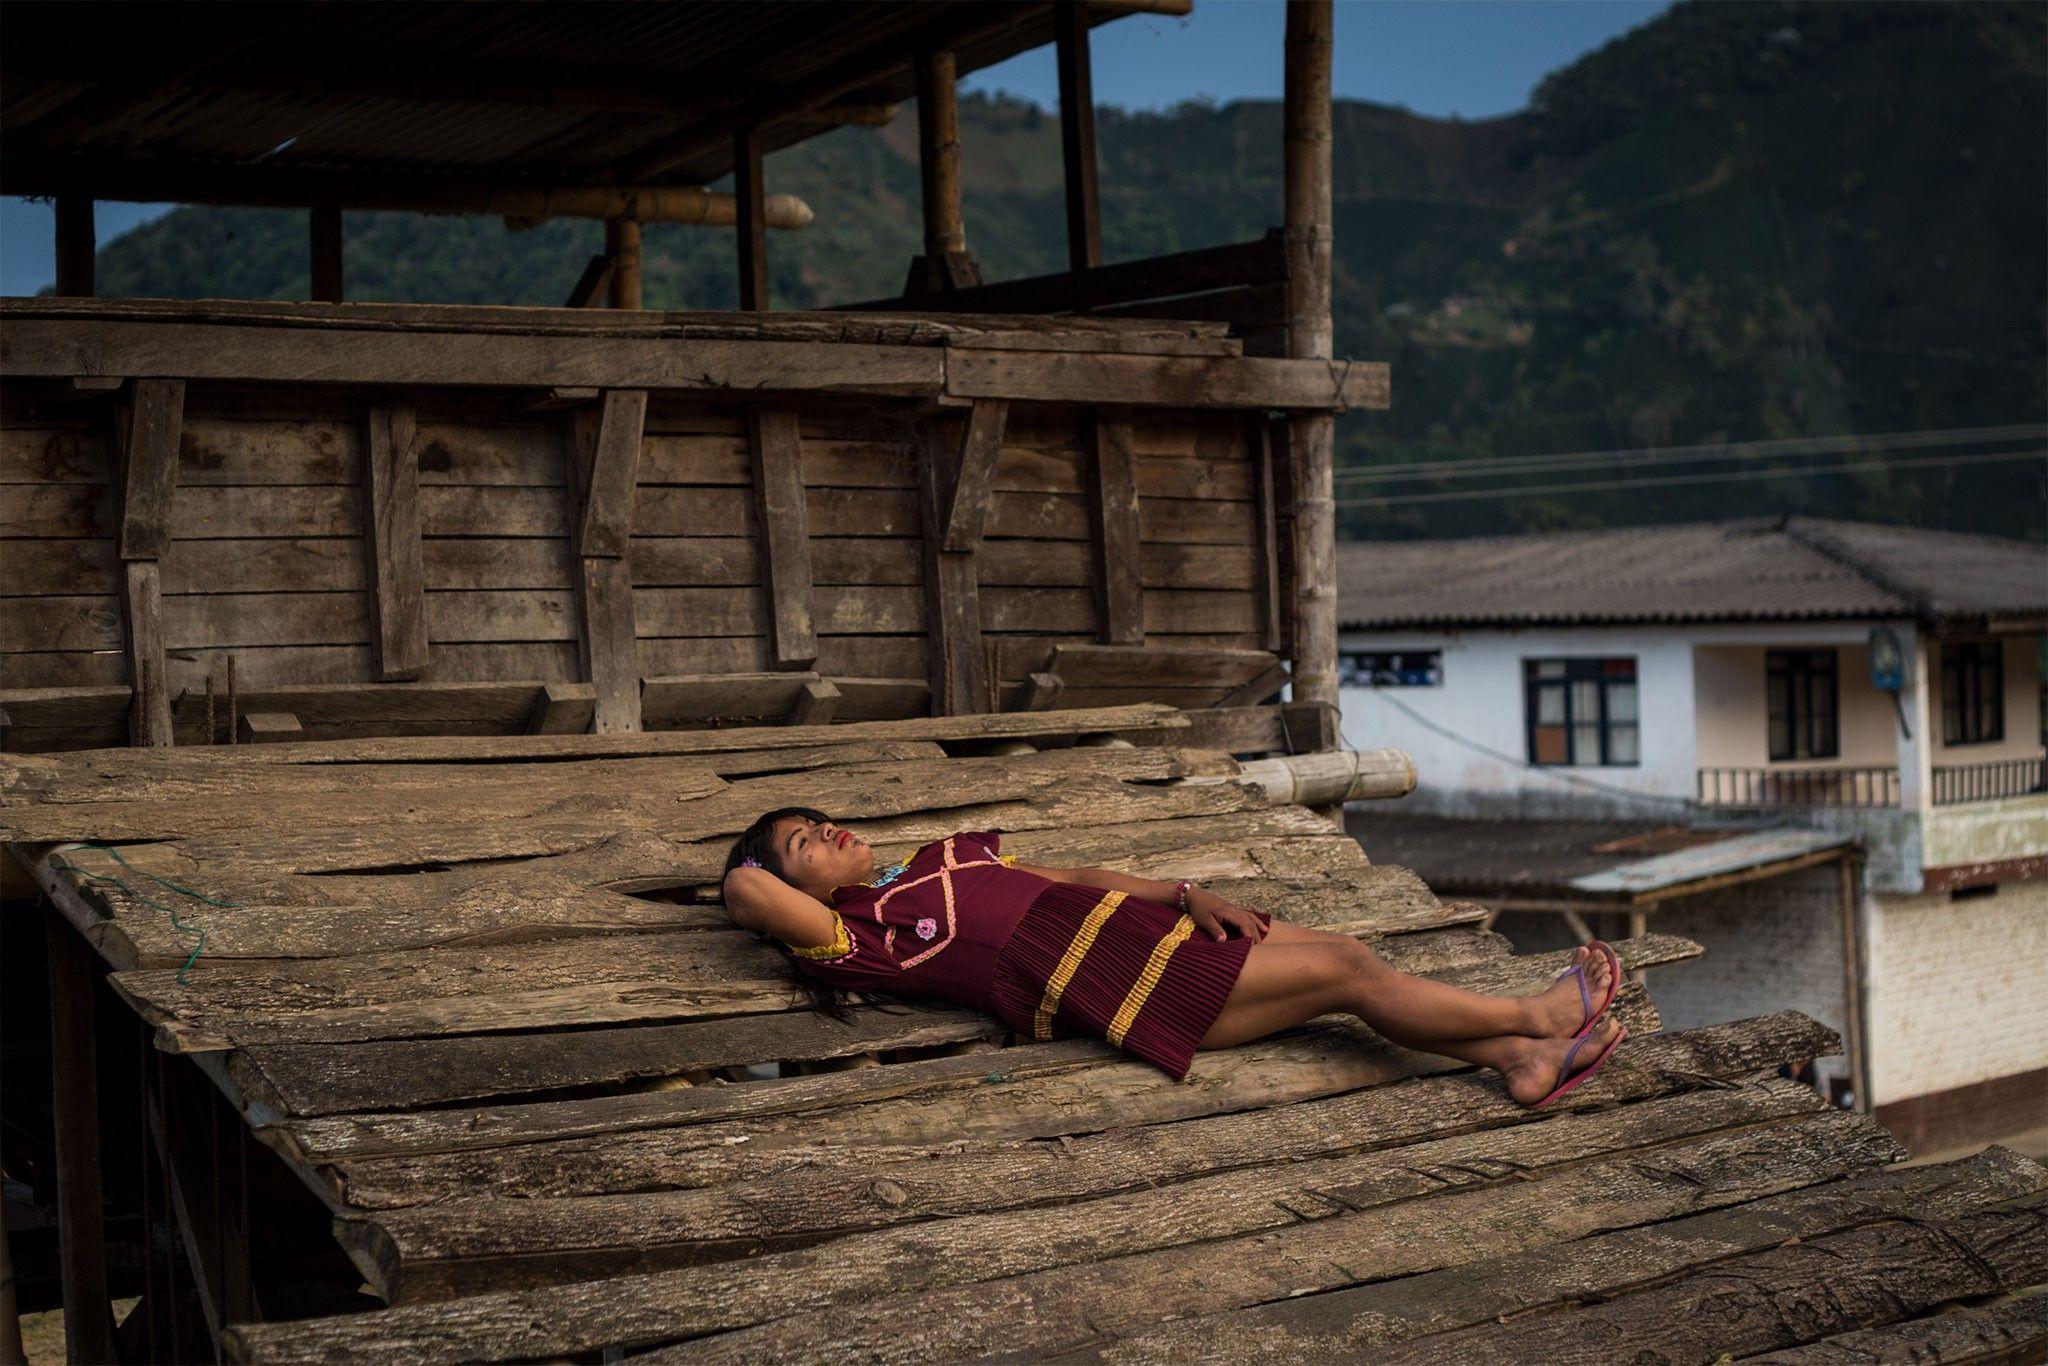 Mulheres indígenas trans encontram refúgio nas fazendas de café na Colômbia | National Geographic